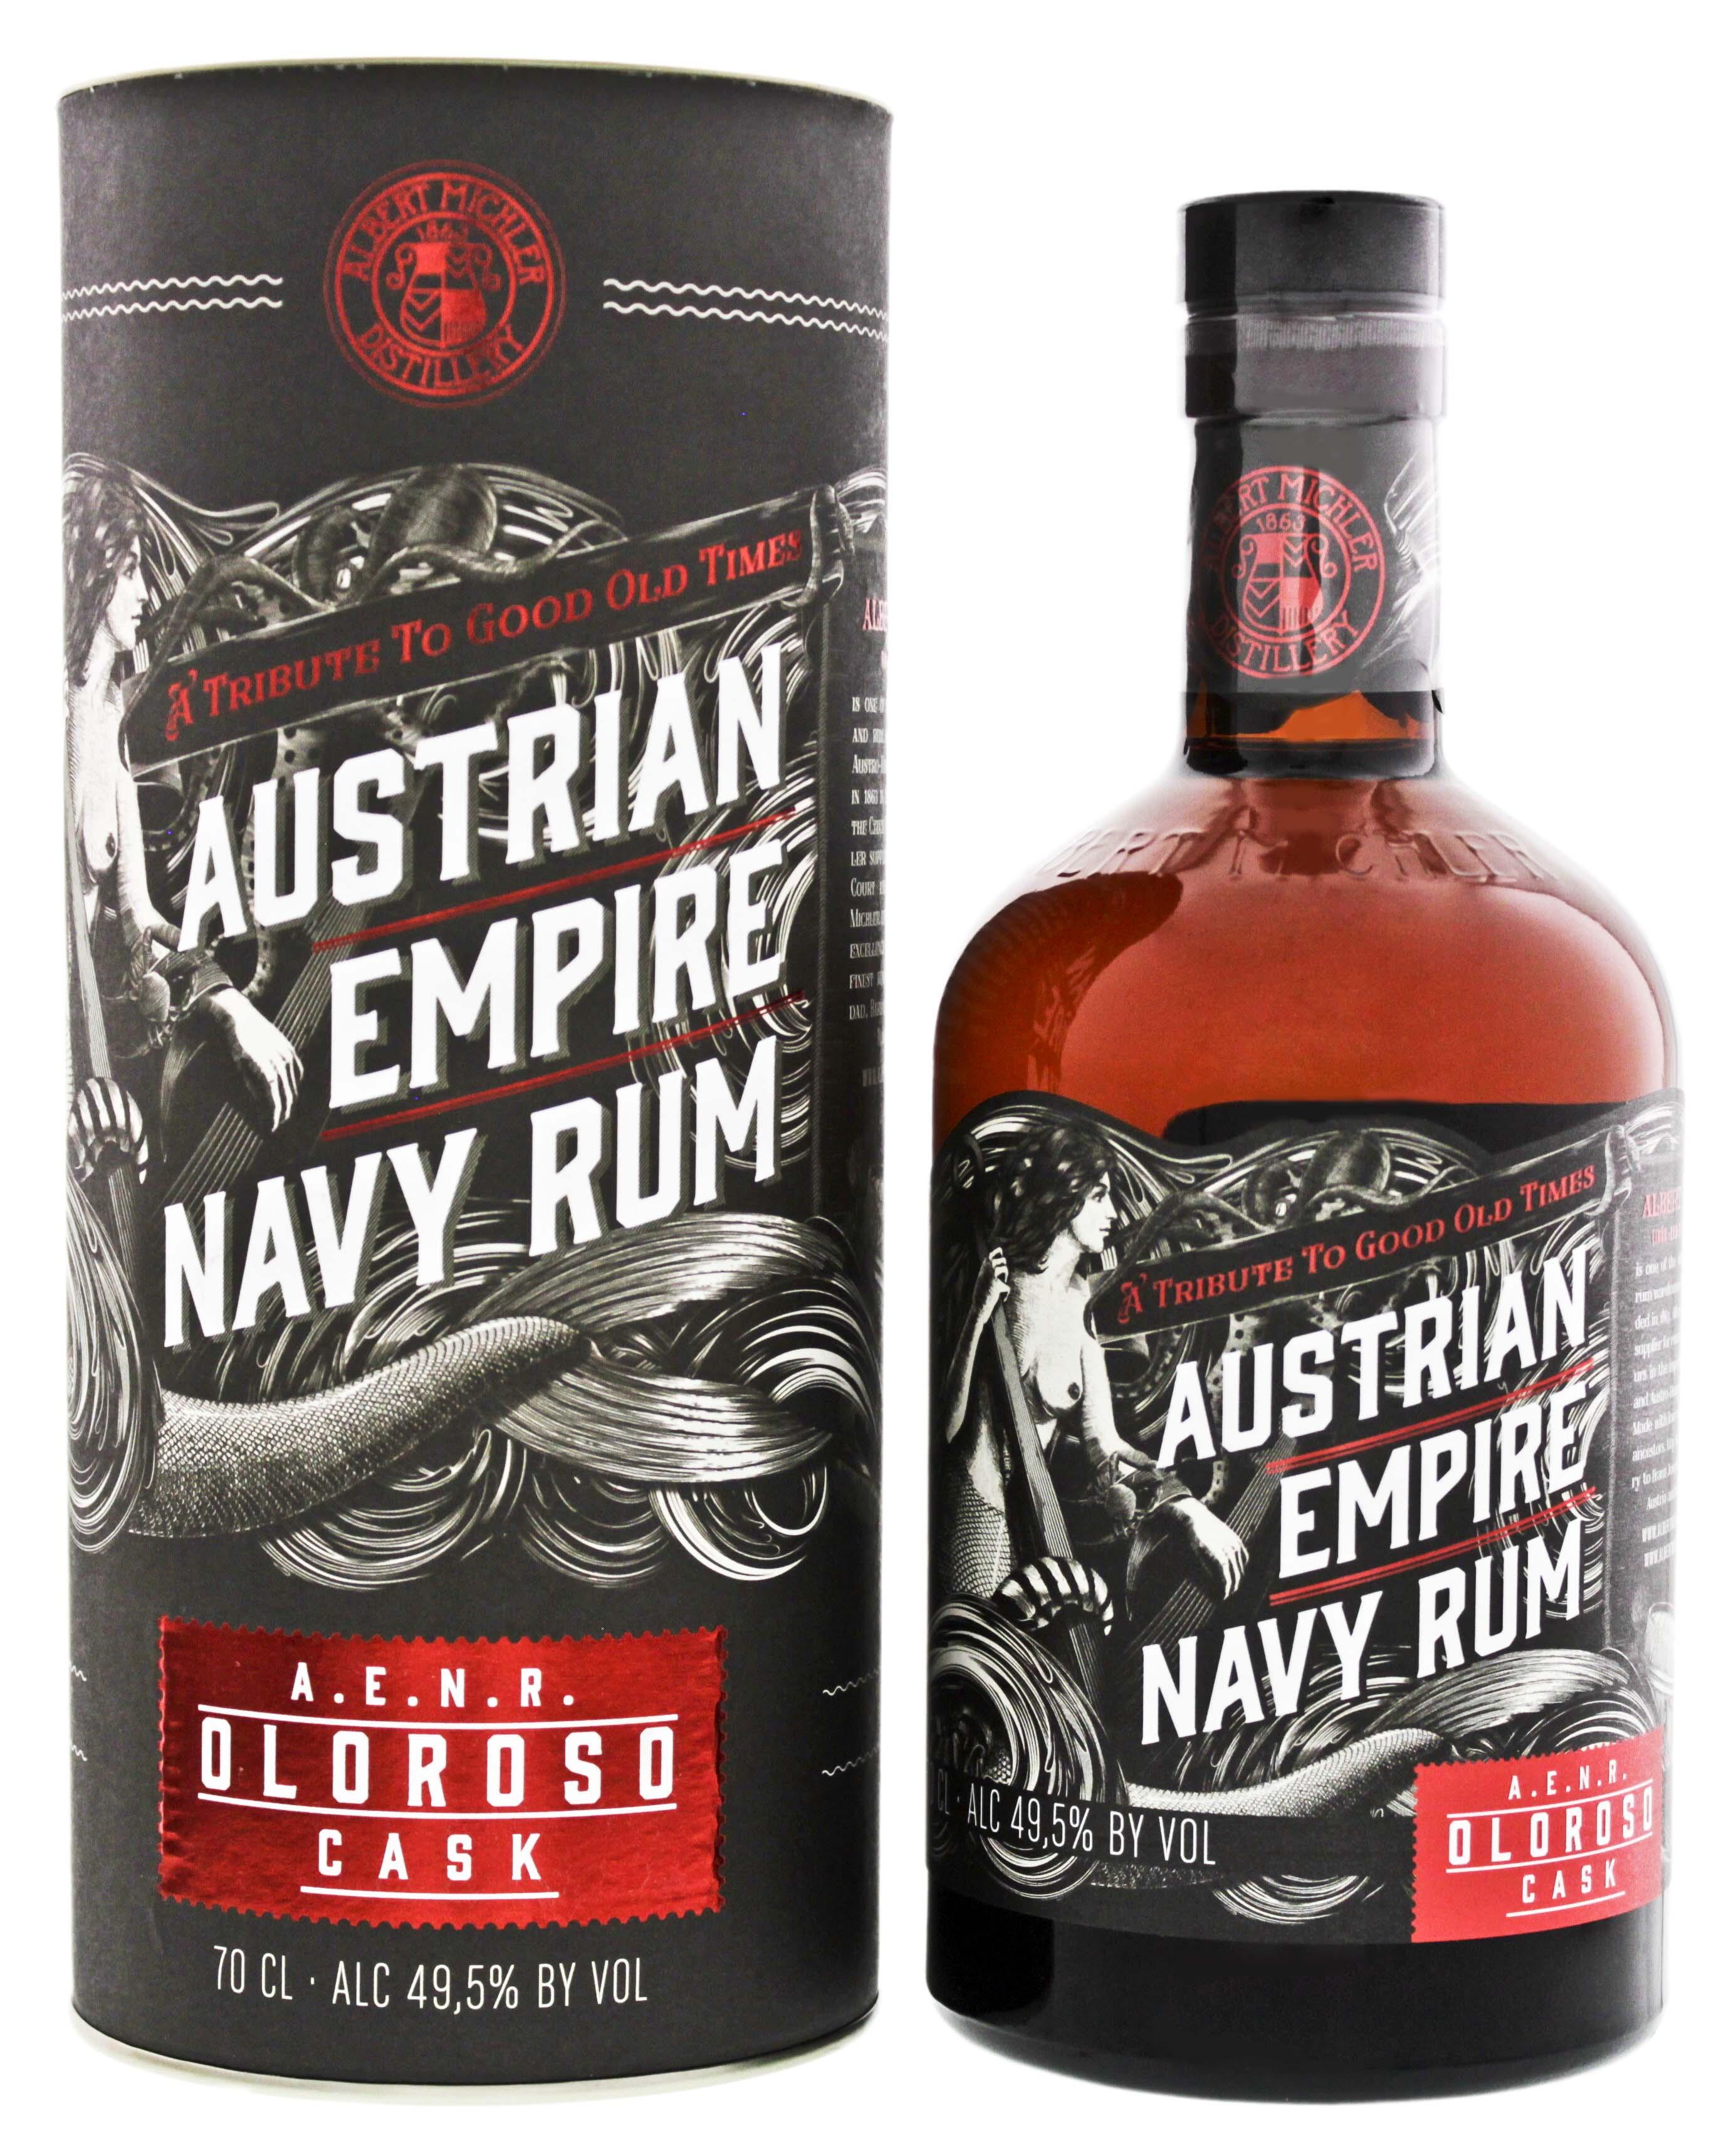 Austrian Empire Navy Rum Reserve Double Cask Oloroso 0,7L